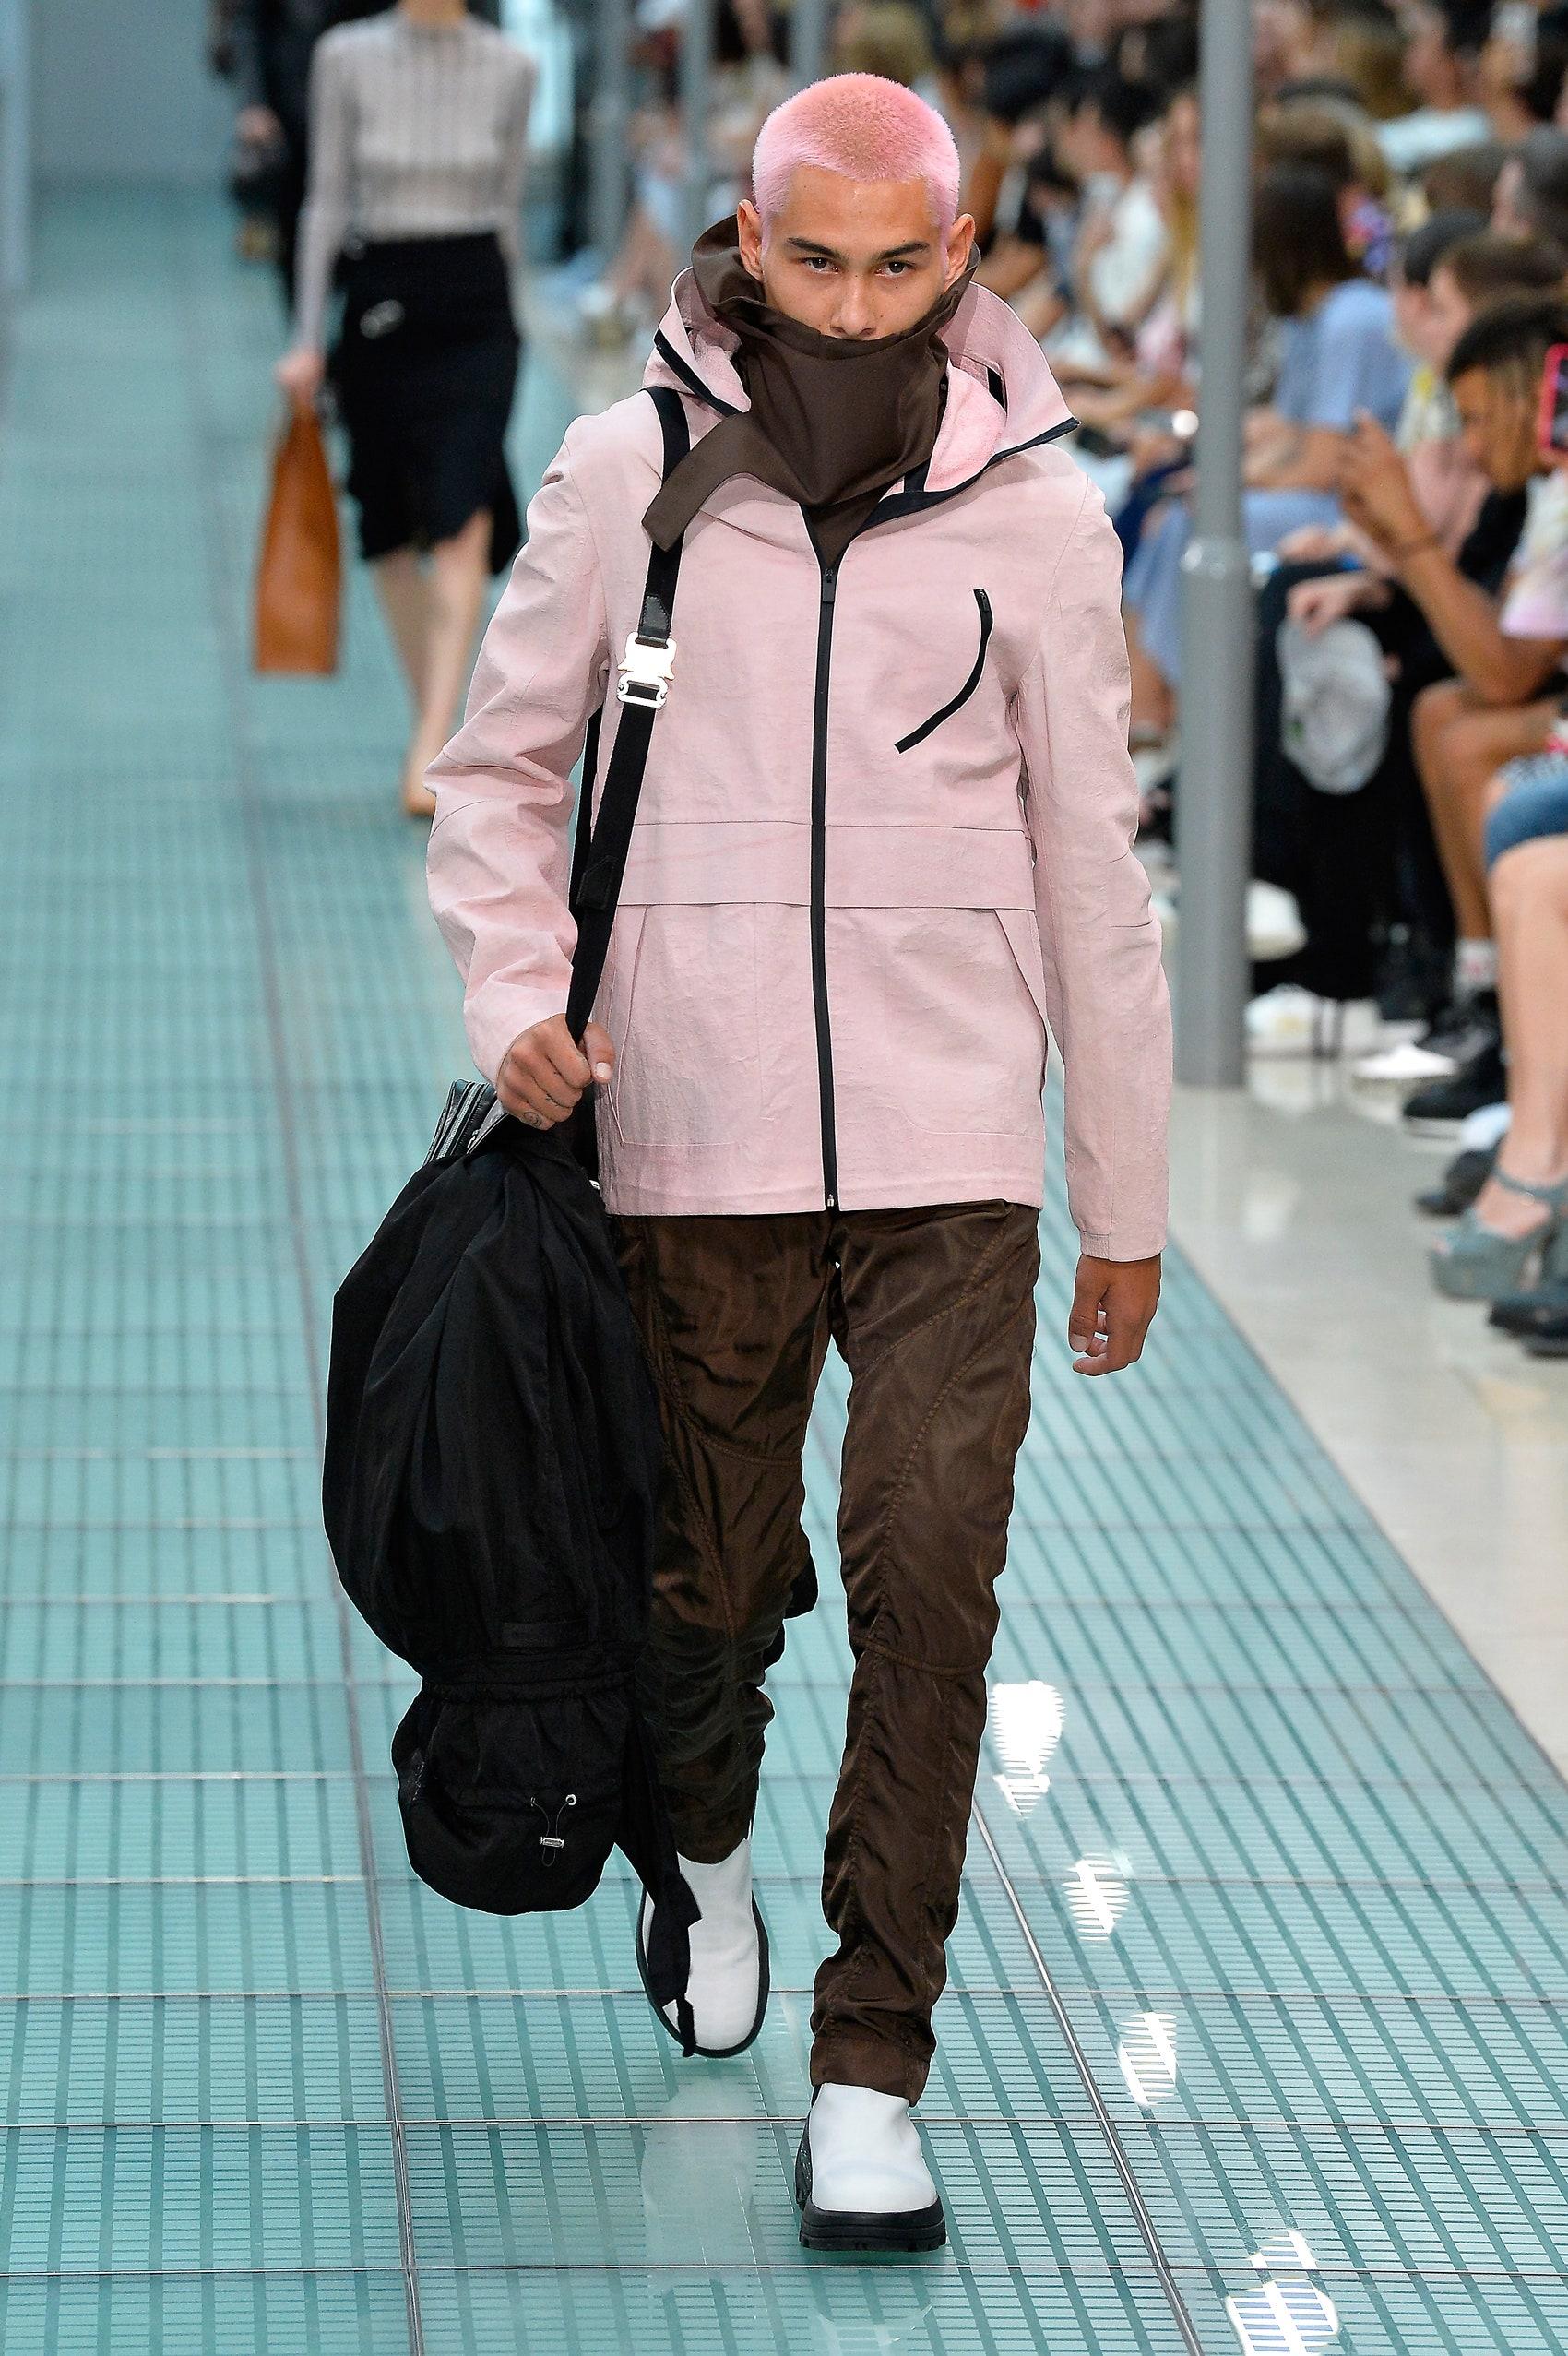 Эван Мок - друг Фрэнка Оушена и парень с розовыми волосами из нового ремейка сериала «Сплетница»